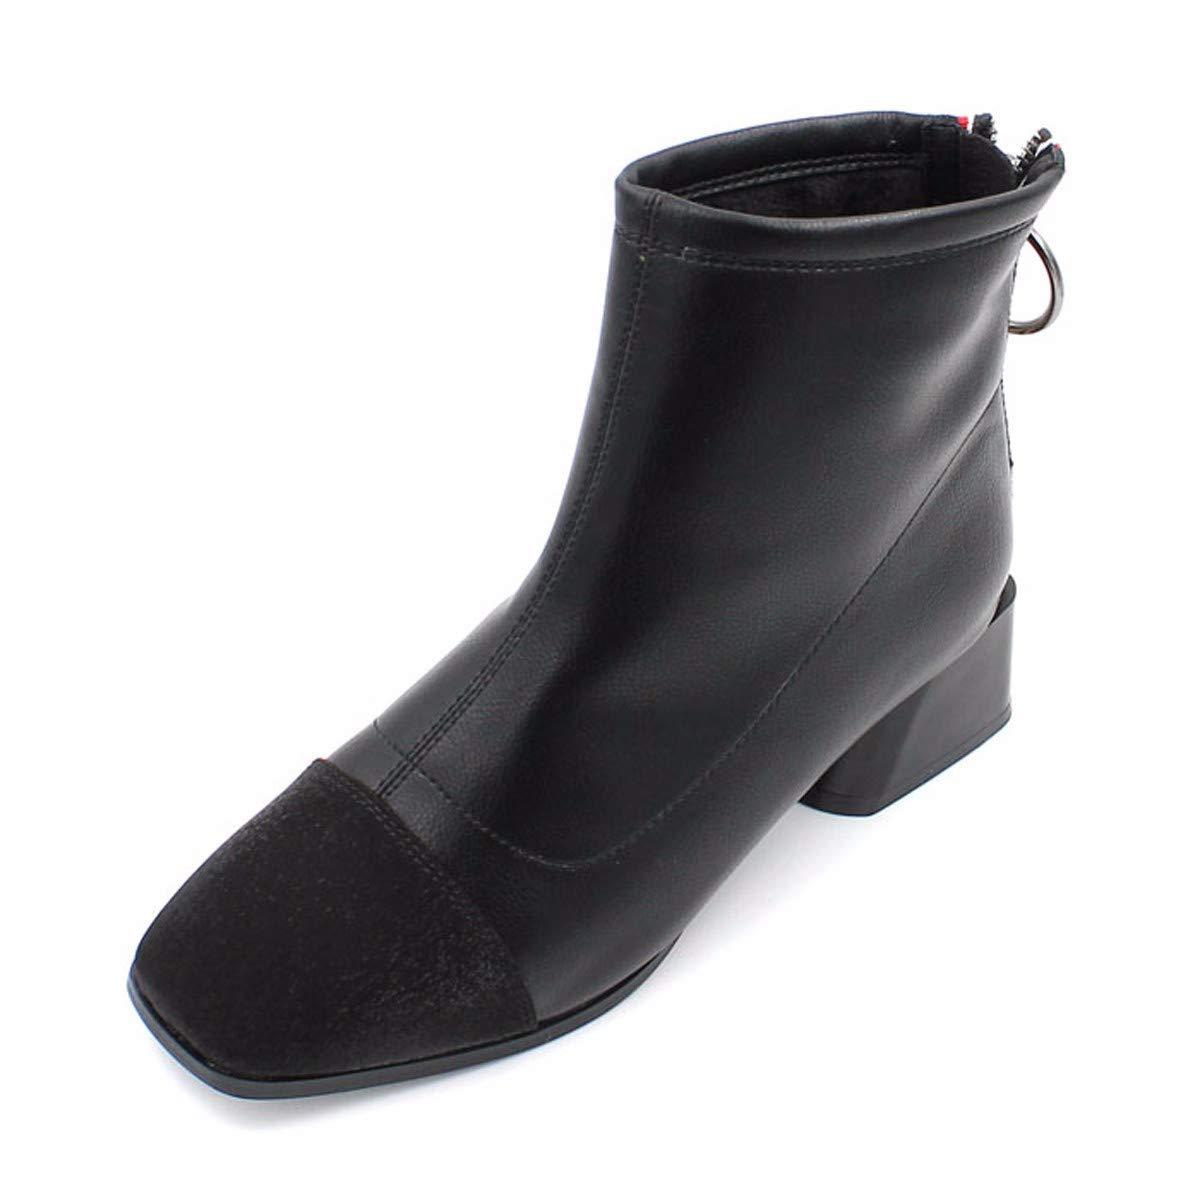 noir Thirty-seven HBDLH Chaussures pour Femmes Les Bottes La Hauteur du Talon Gros Talon Martin 4 Bottes en Hiver des Couleurs en Pleine Tête voiturerée Talon Court Bottes